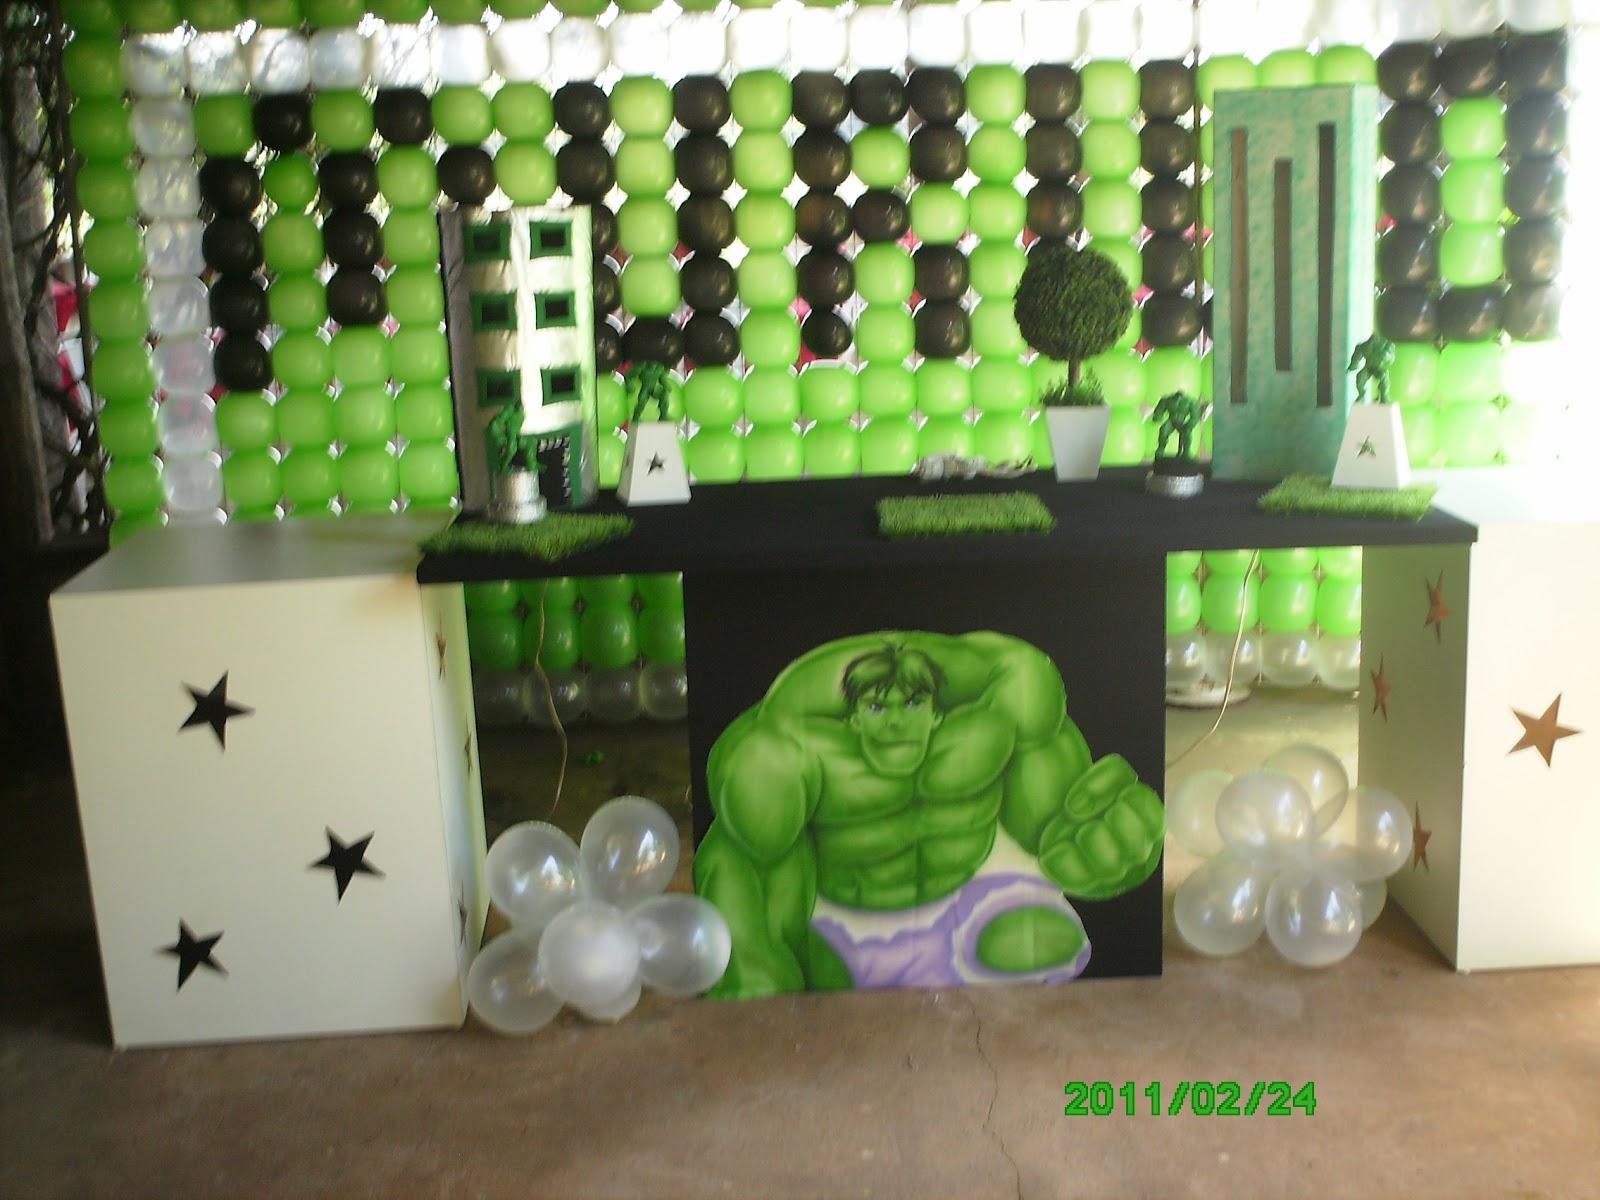 http://4.bp.blogspot.com/-3TzeNS8fUuk/T2QcT7TsuXI/AAAAAAAAATA/cm0Ws4egzp4/s1600/PICT0732.JPG